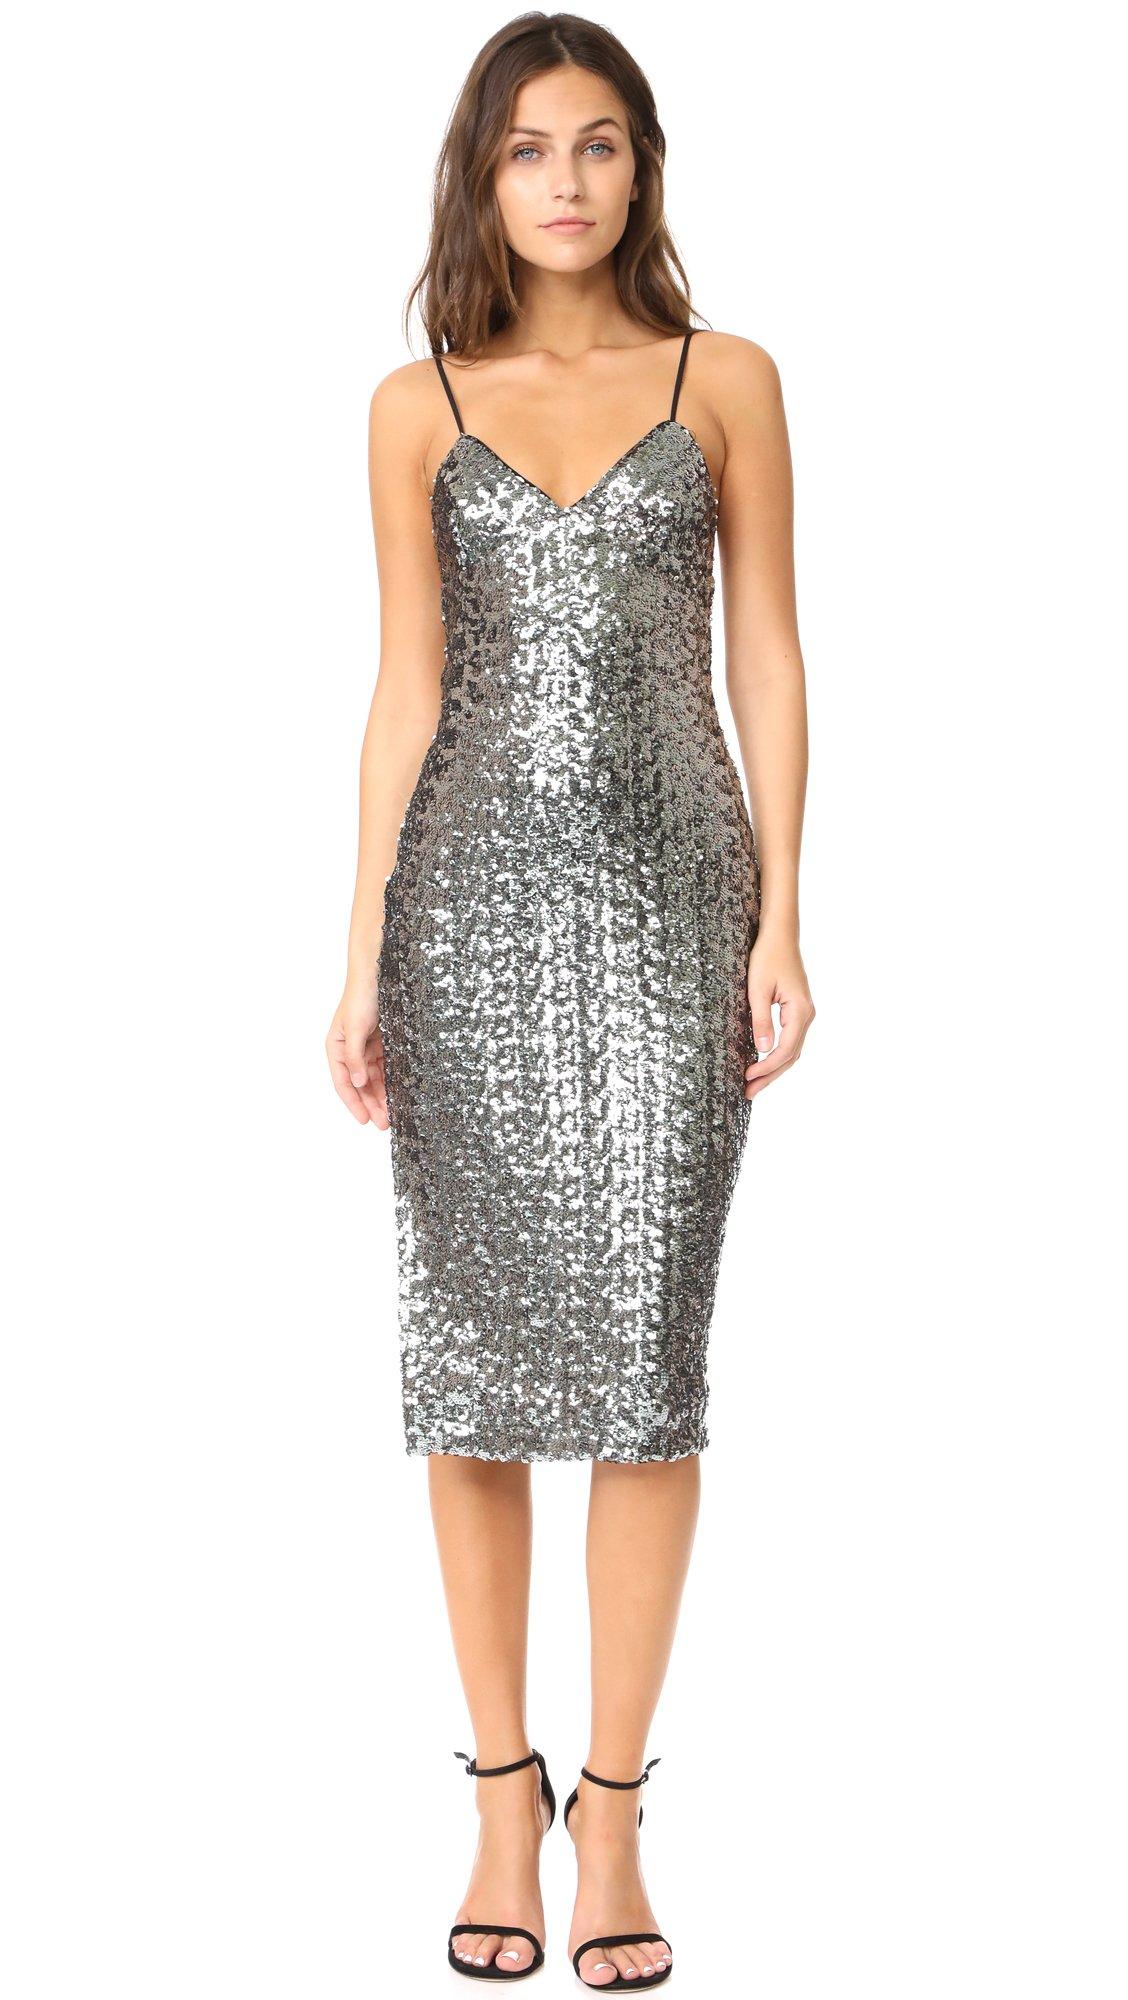 Milly Women's Sea Glass Alexis Dress, Gunmetal, 0 by MILLY